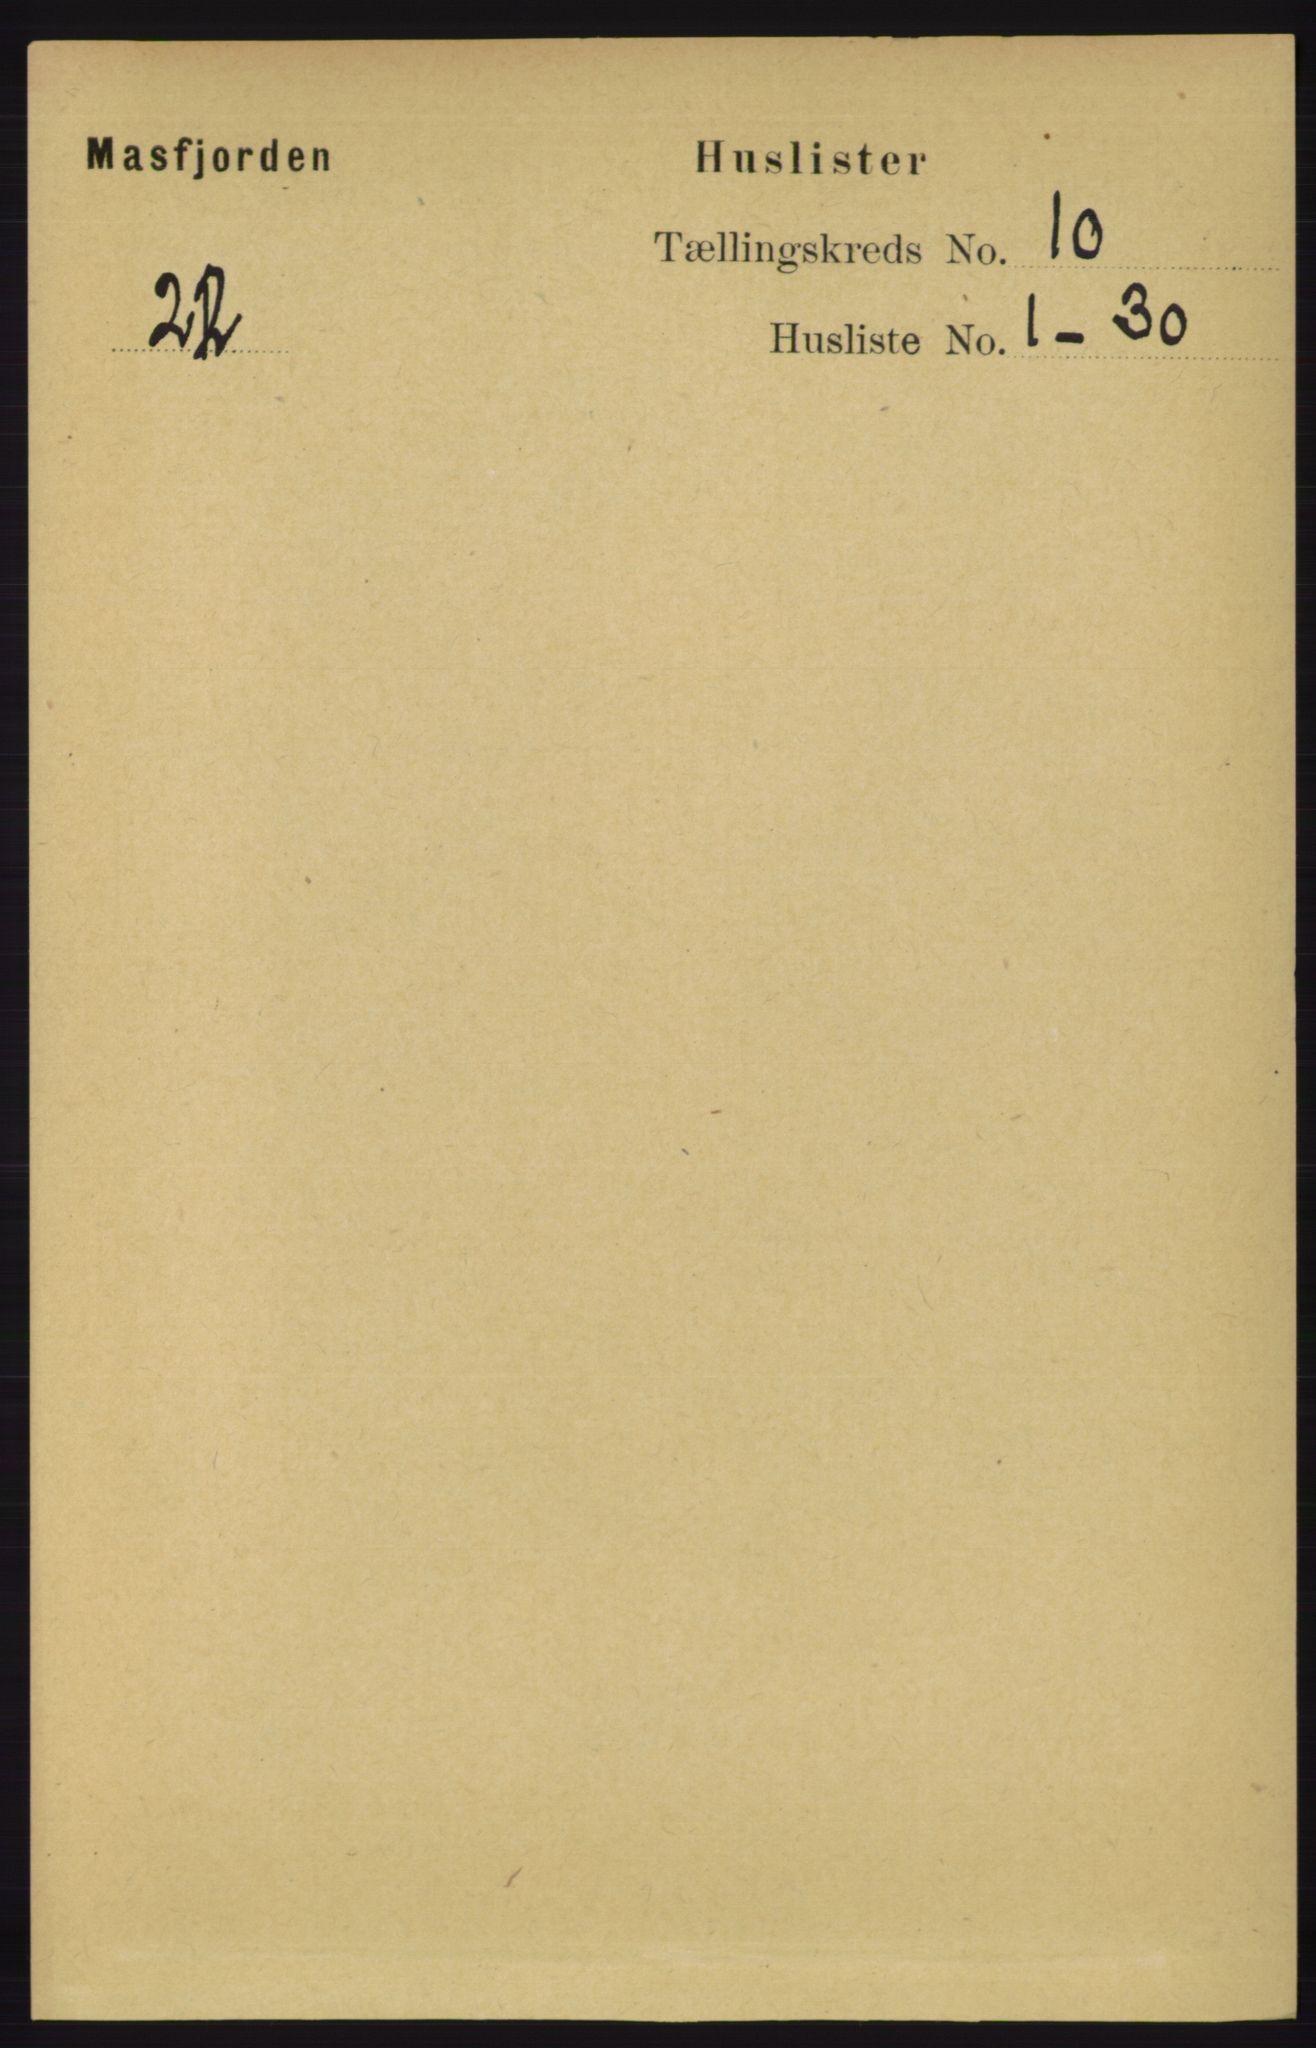 RA, Folketelling 1891 for 1266 Masfjorden herred, 1891, s. 1970